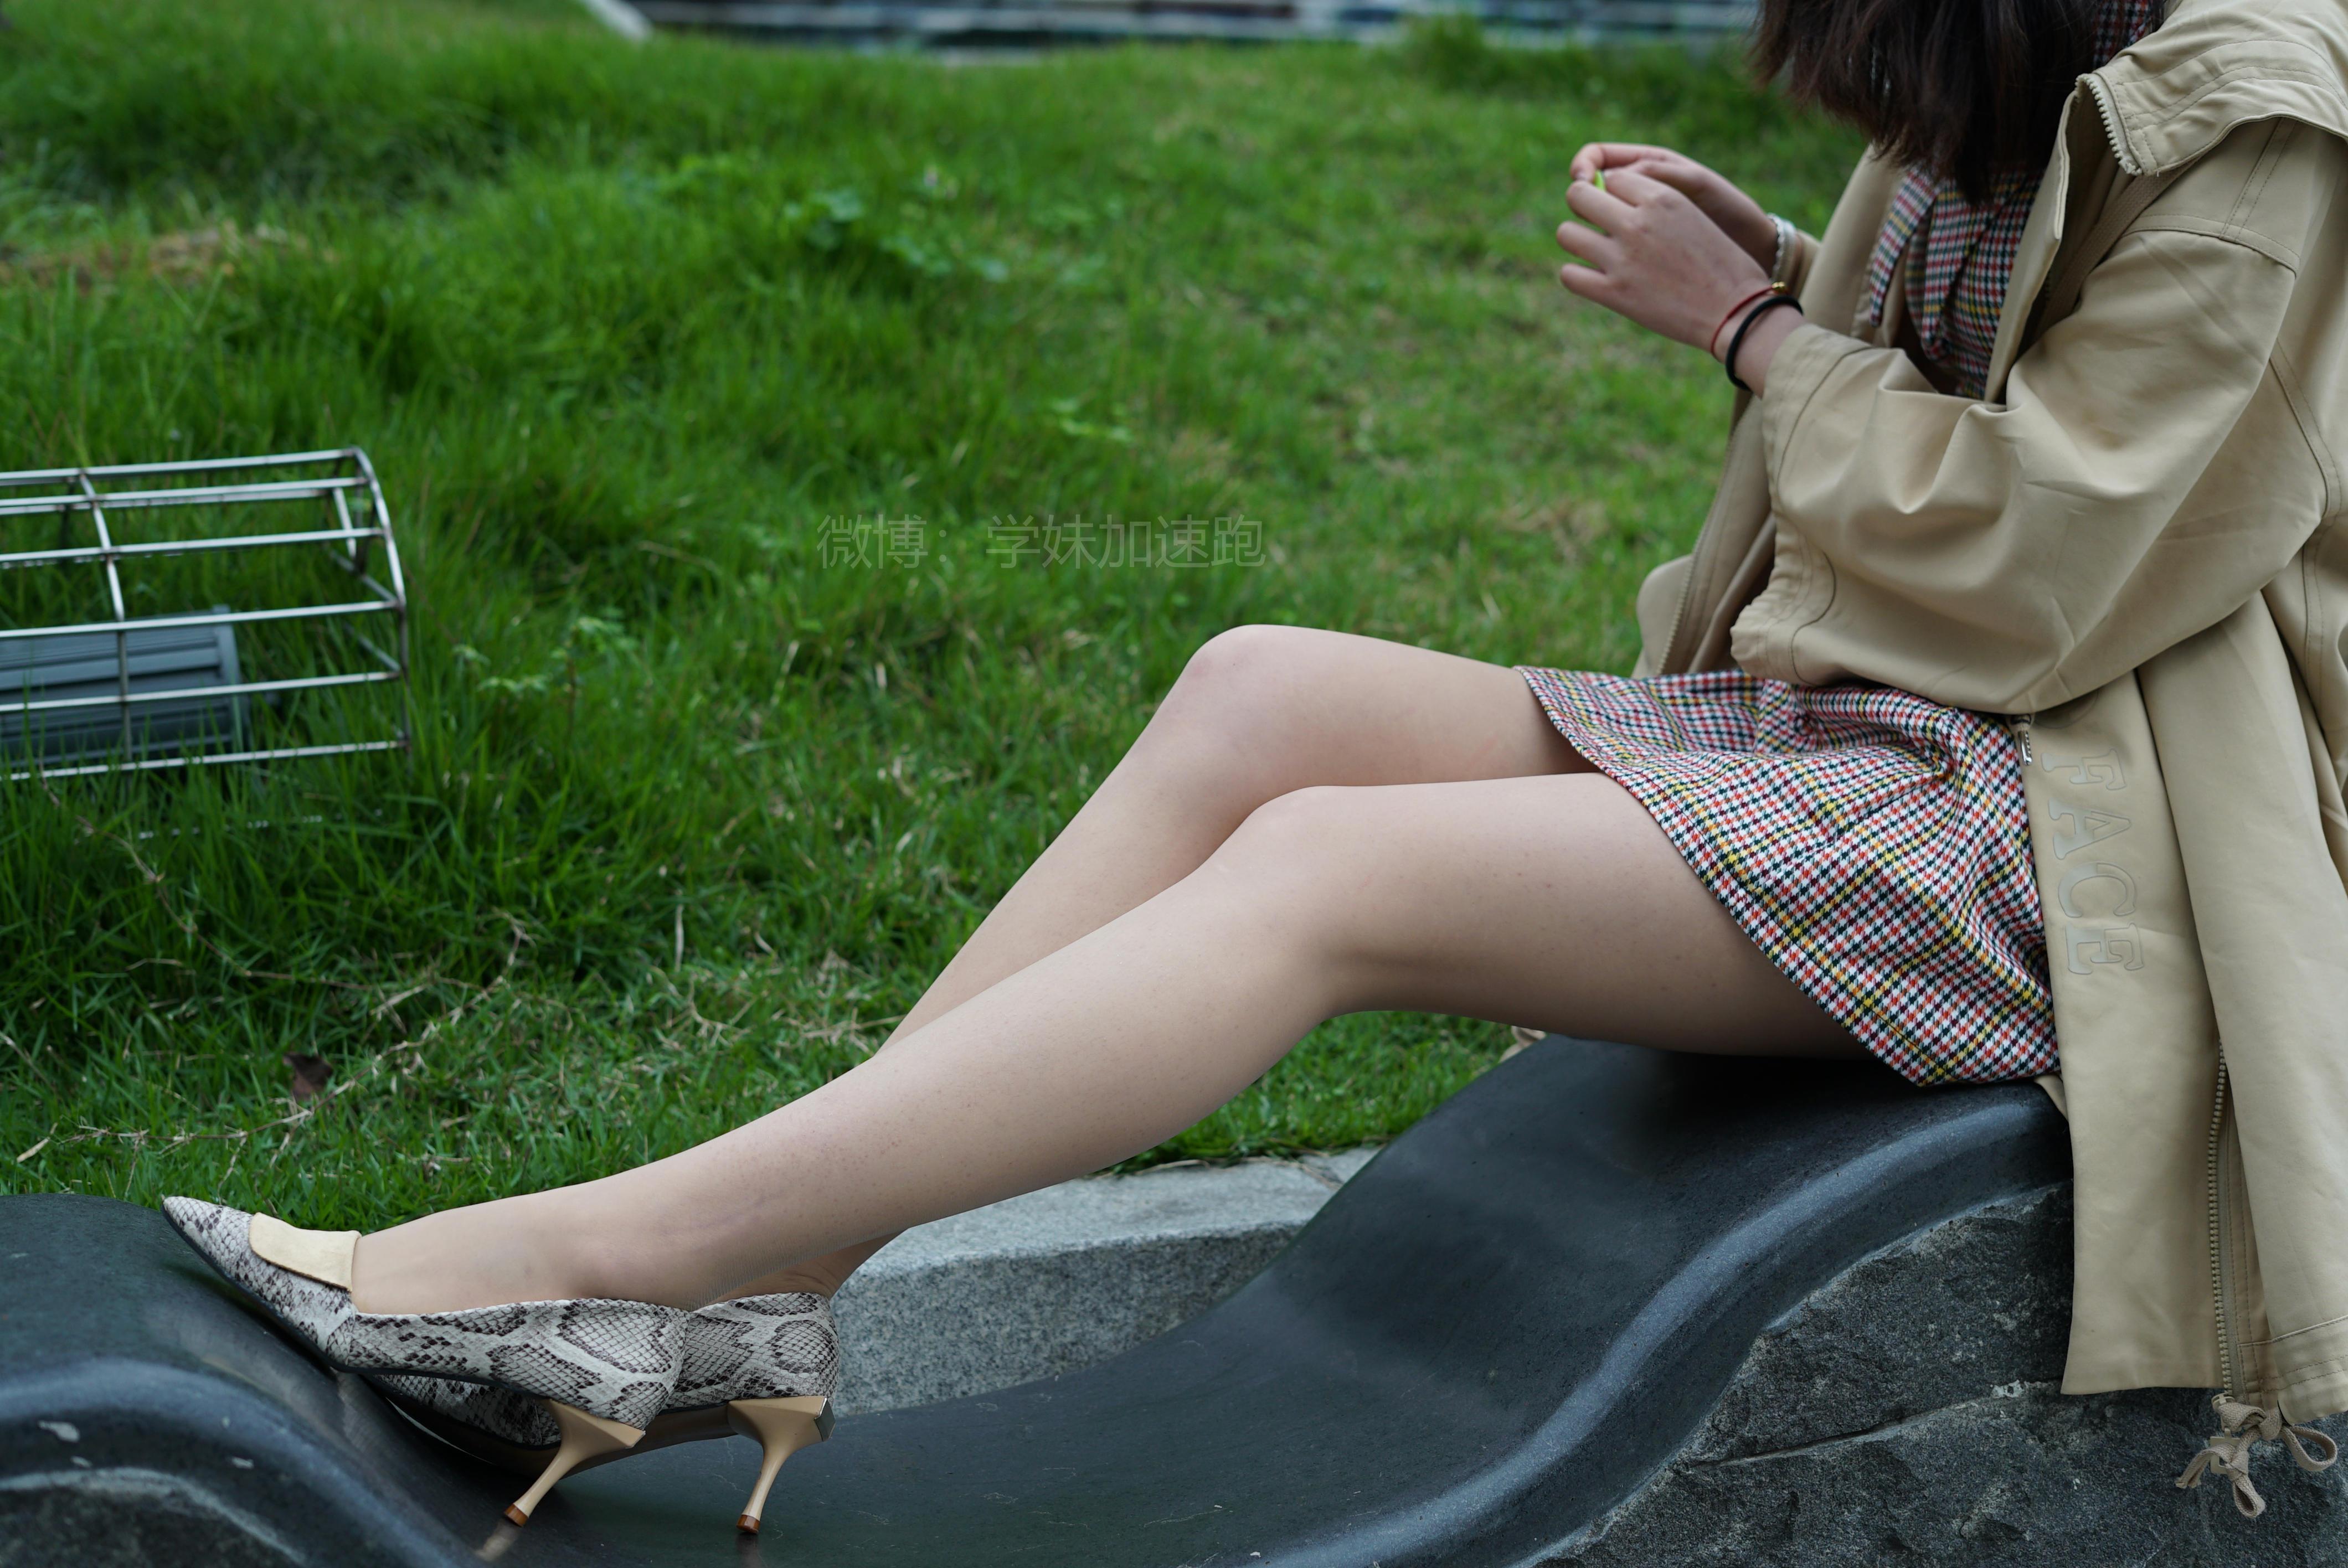 [学妹加速跑]XM019 《彤彤学妹2》 黄色风衣加肉丝美腿街拍写真集,